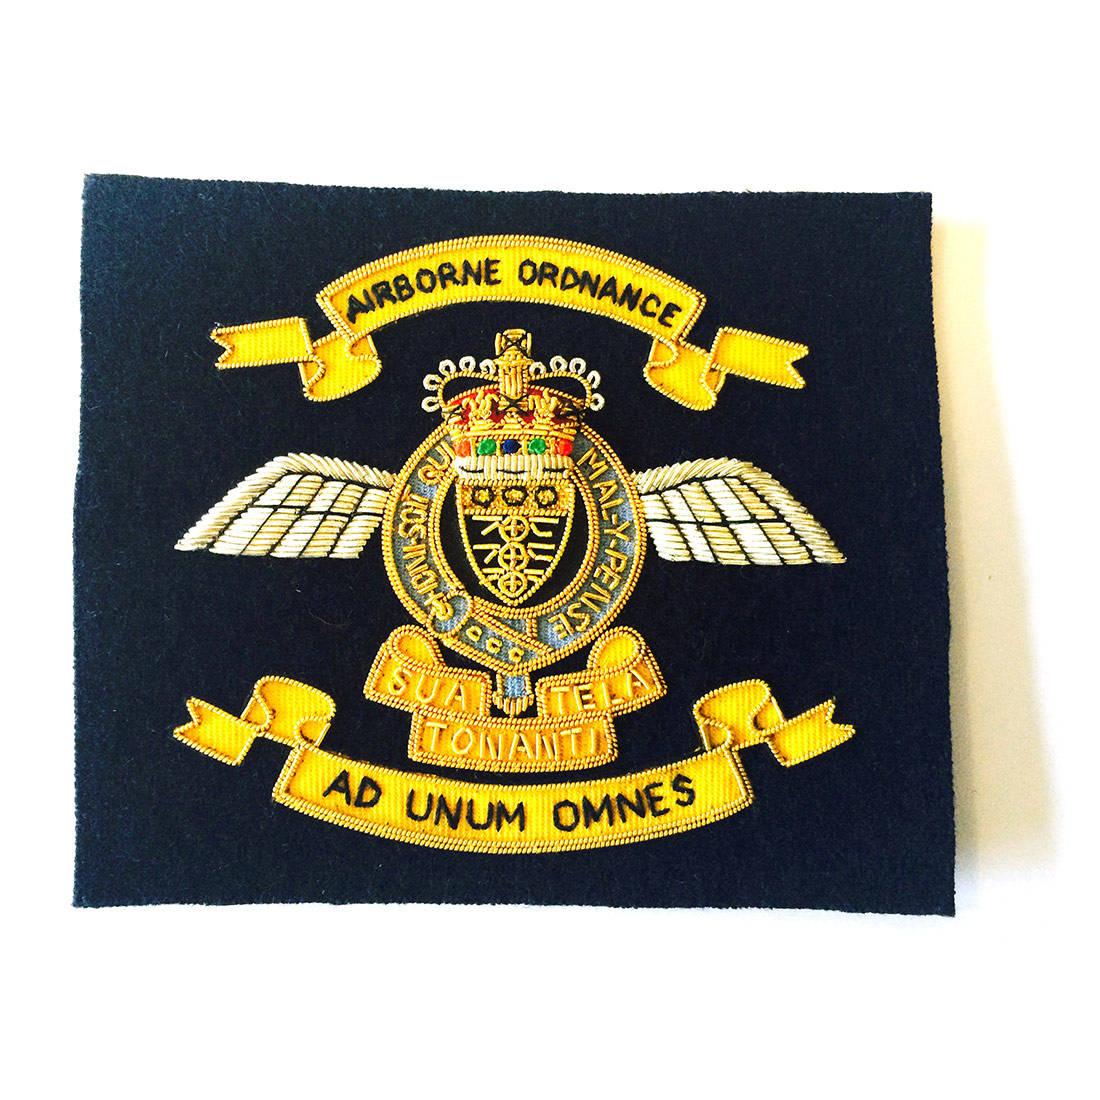 Airborne Ordnance Blazer Badge